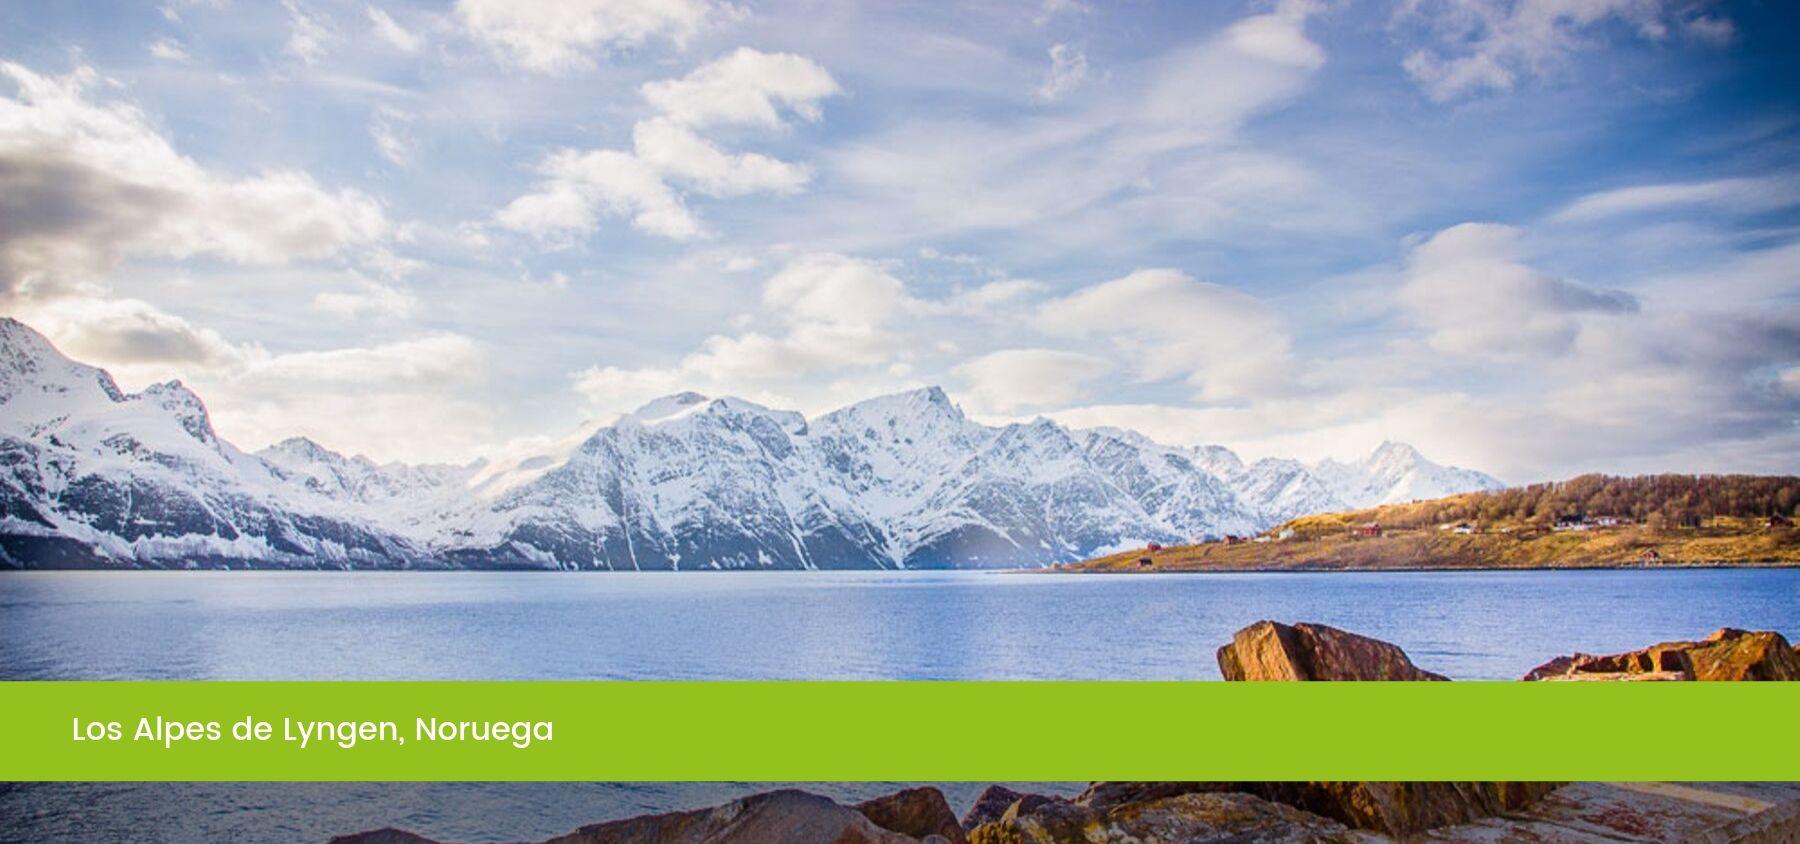 Los Alpes de Lyngen, Tromso, Noruega